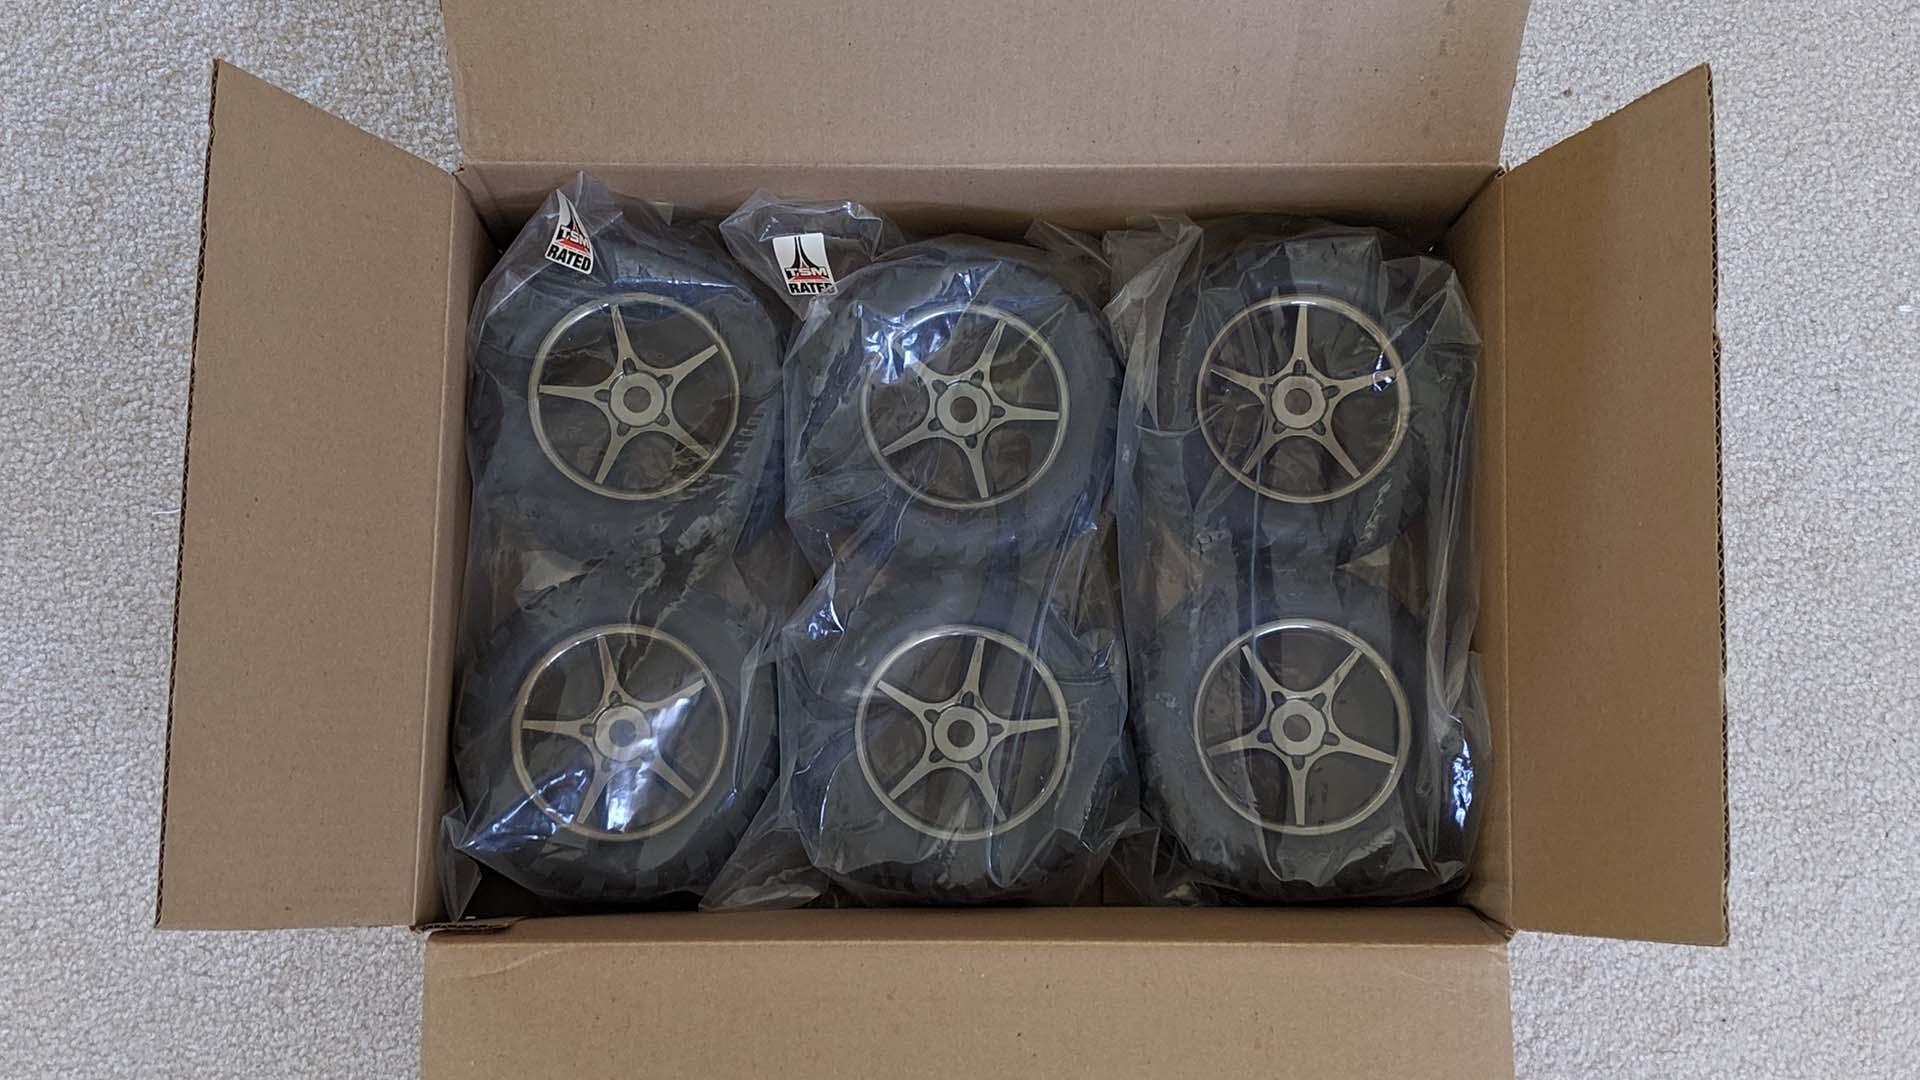 Traxxas tire shipping expectation